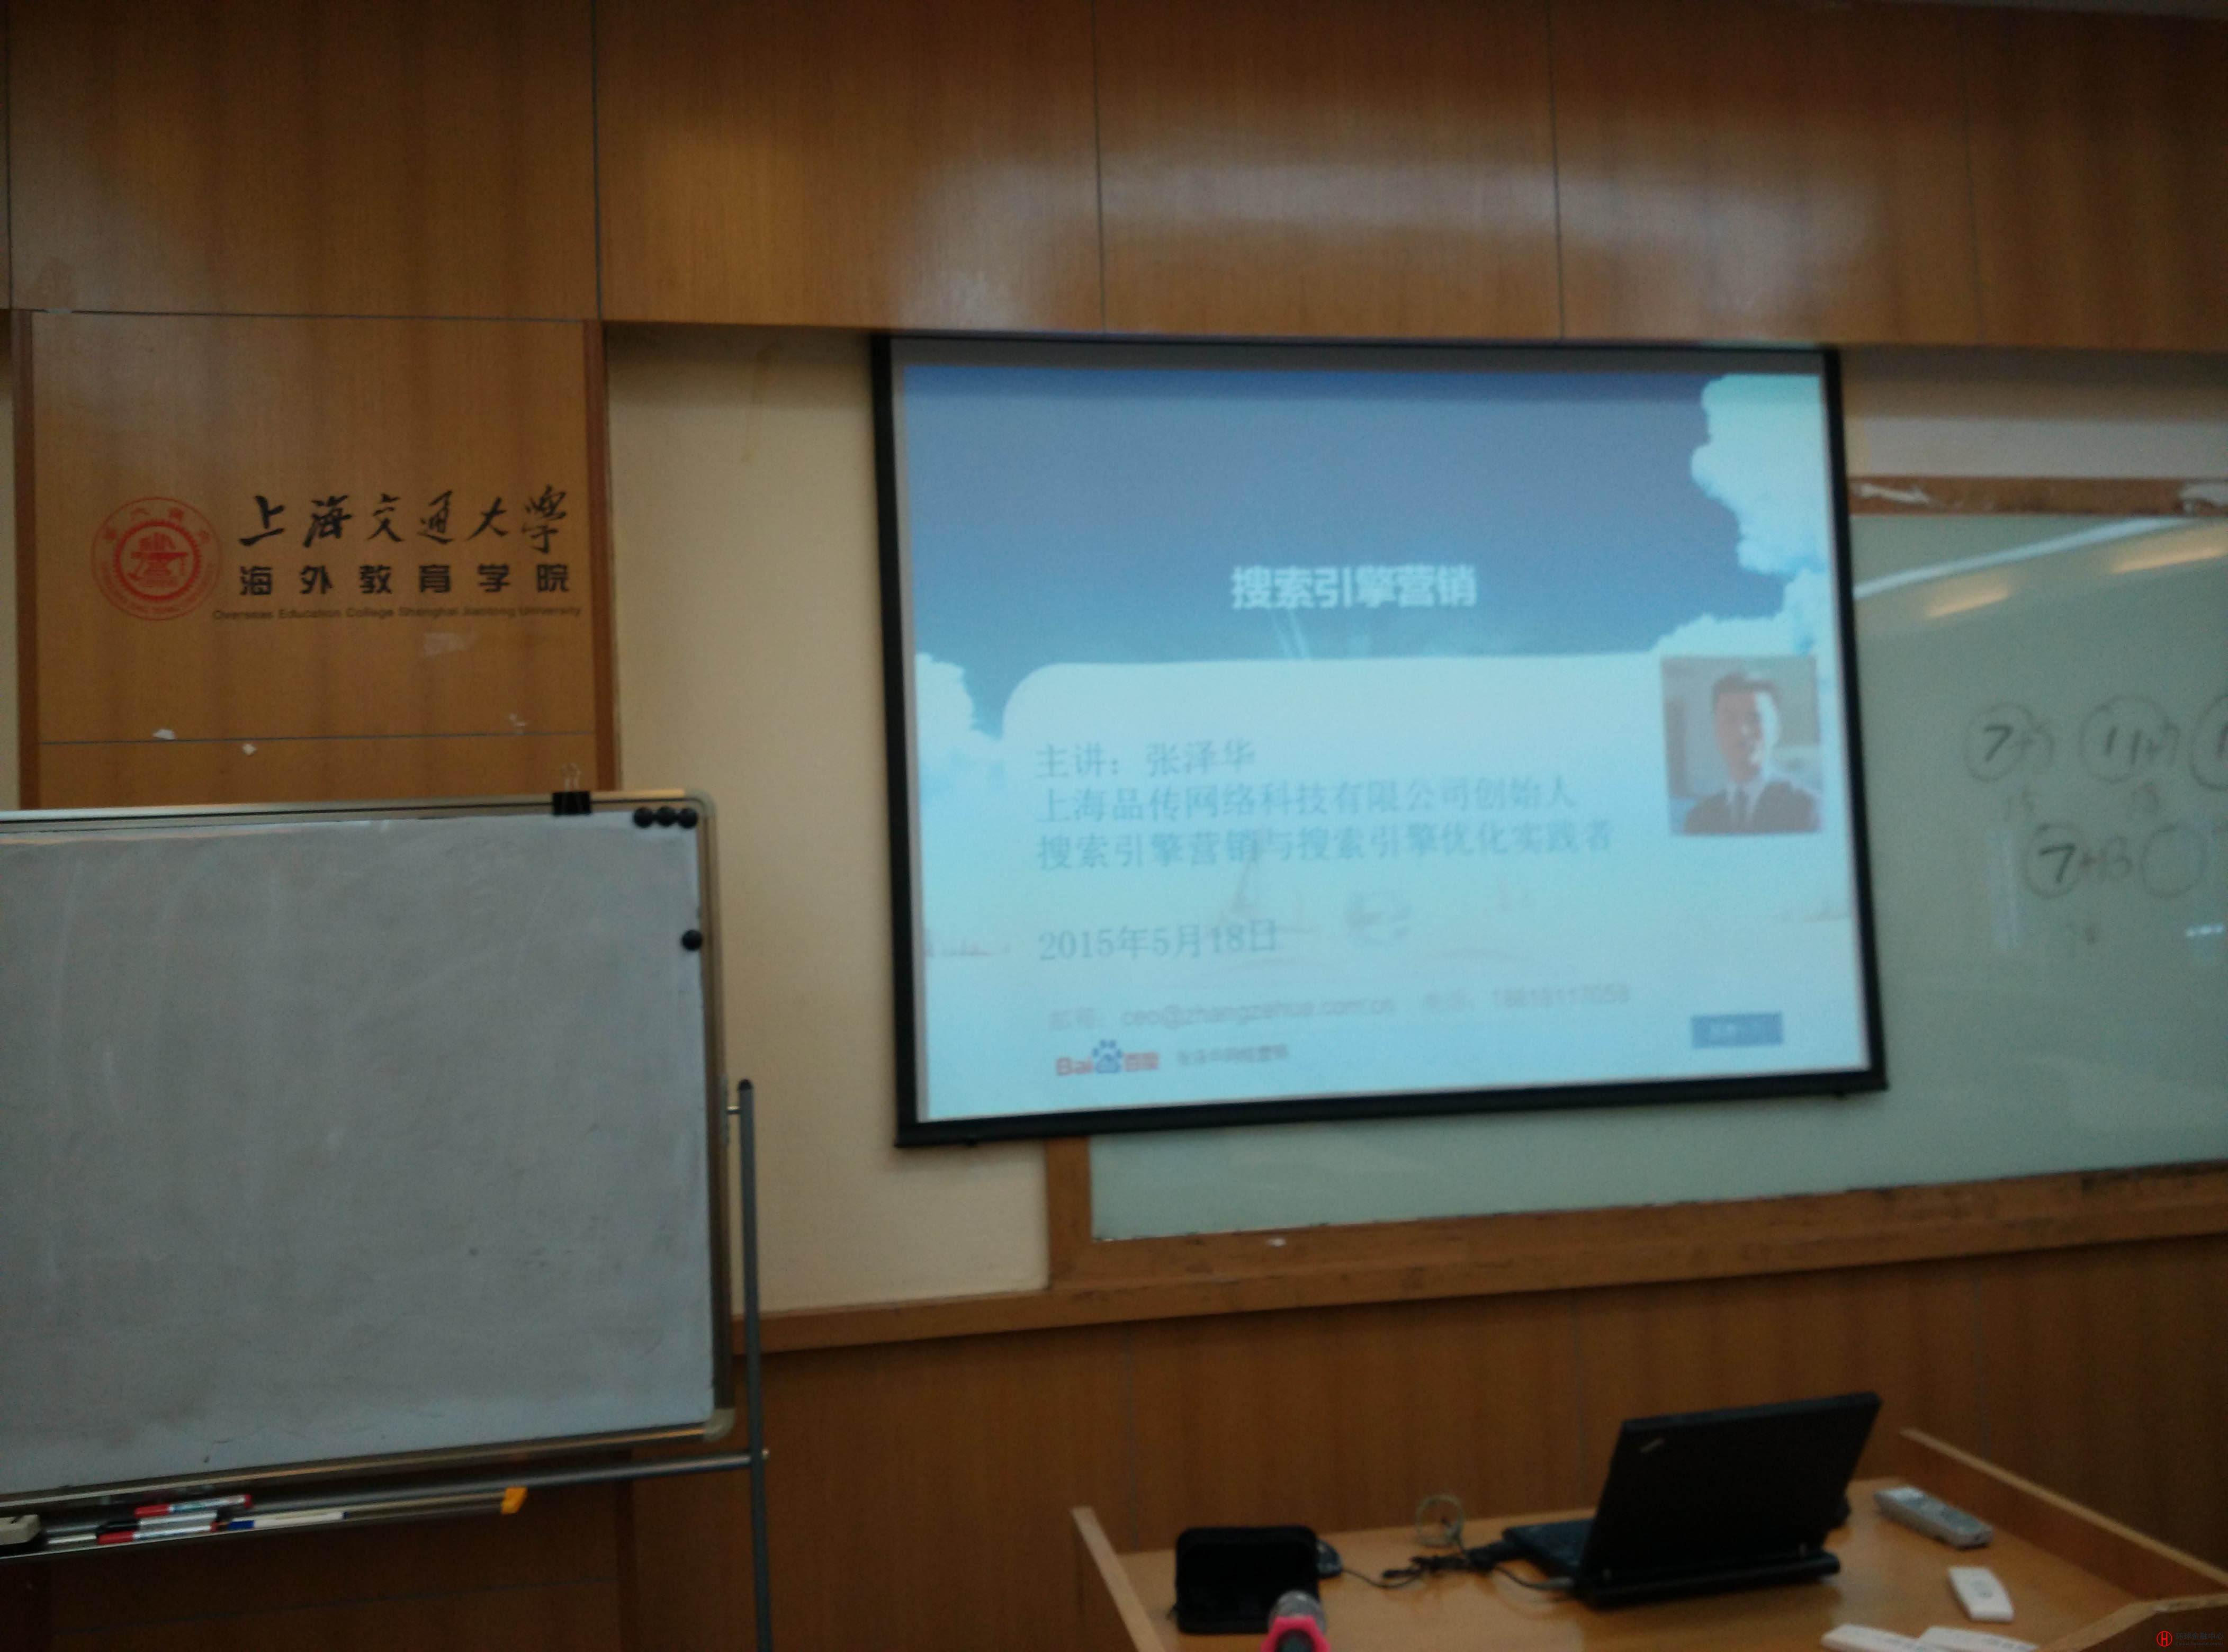 张泽华老师于上海交通大学